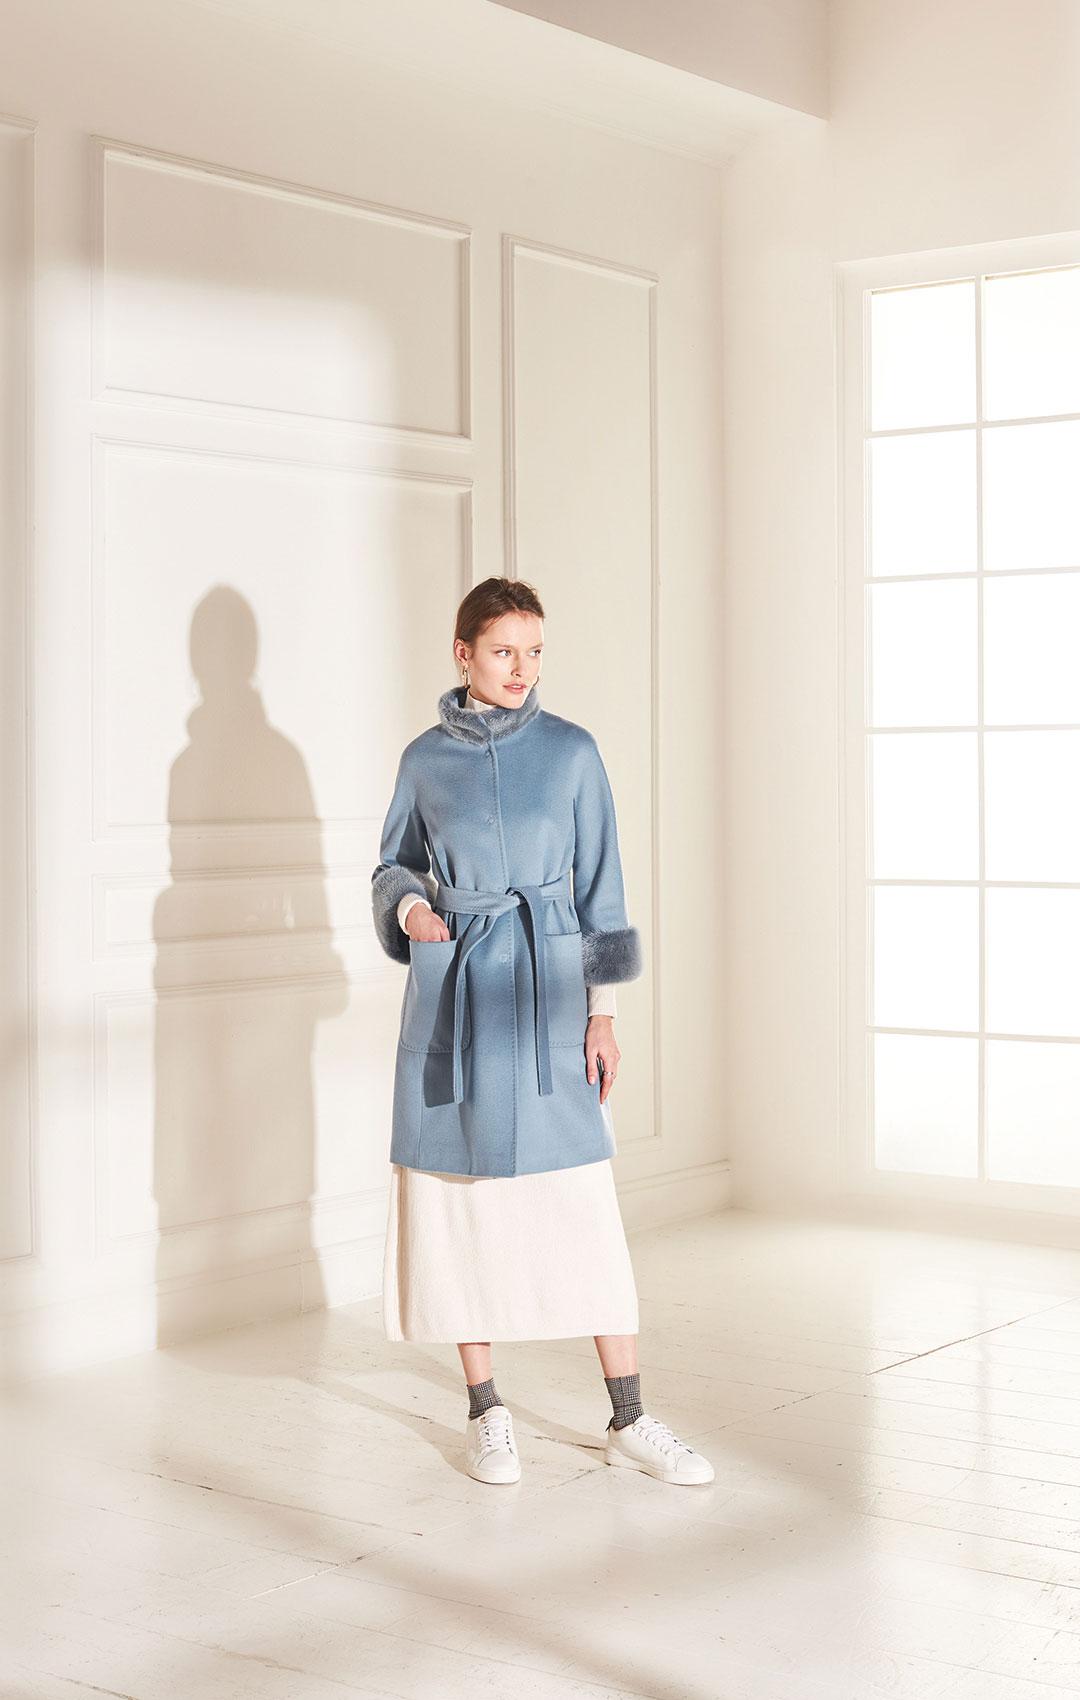 lenoci luxury - cappottino a kimono linea asciutta collo e polsi in visone tinto, tessuto 100% lana di Colombo